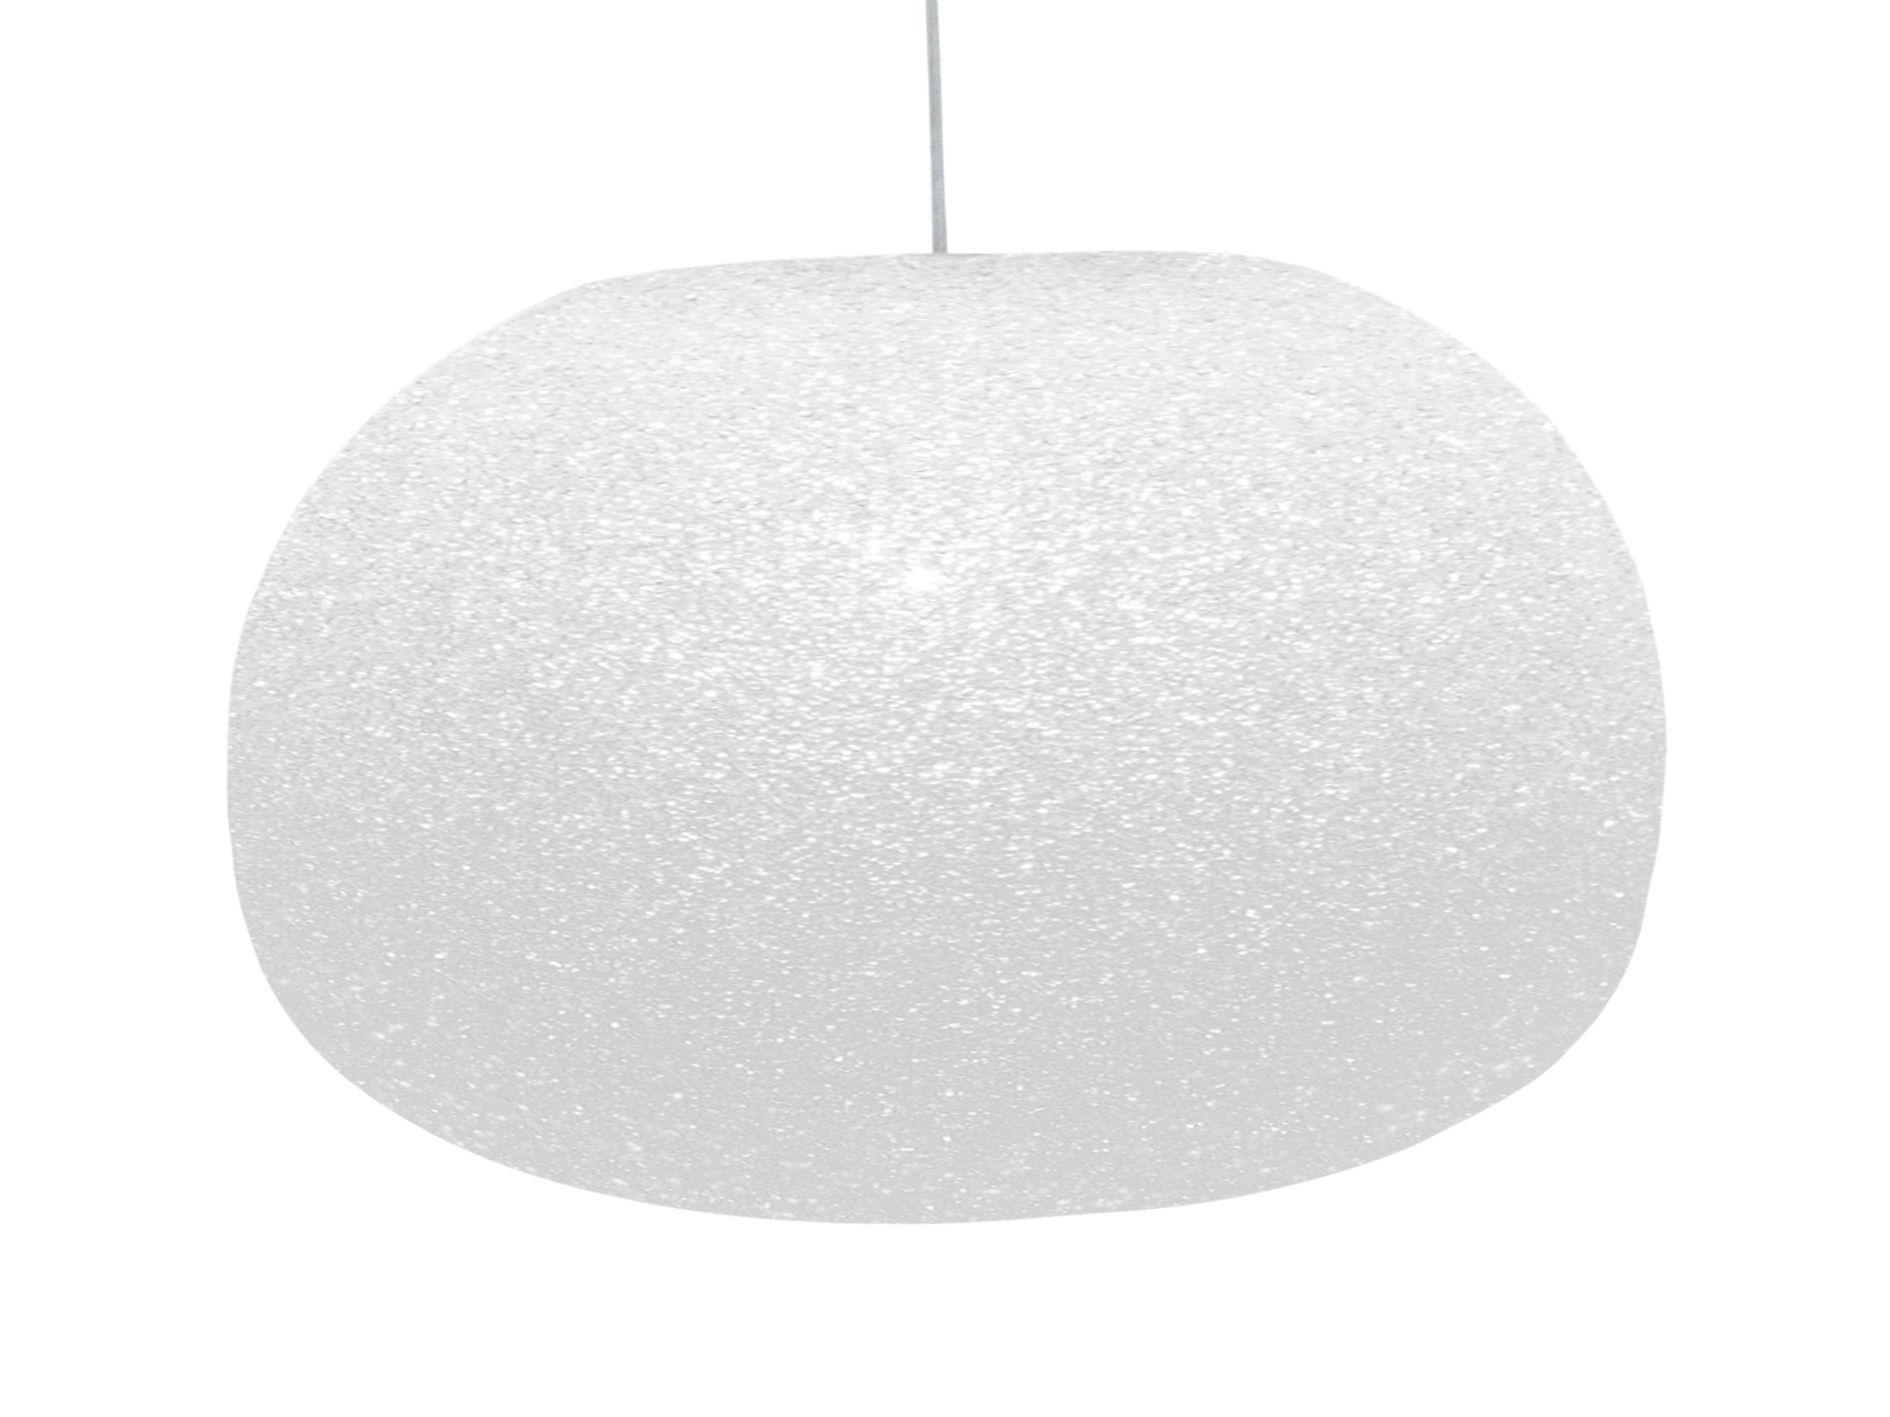 Leuchten - Pendelleuchten - Sumo  Small Pendelleuchte / H 22 cm x Ø 34 cm - Lumen Center Italia - Small - weiß - Selbstverlöschendes Polycarbonat